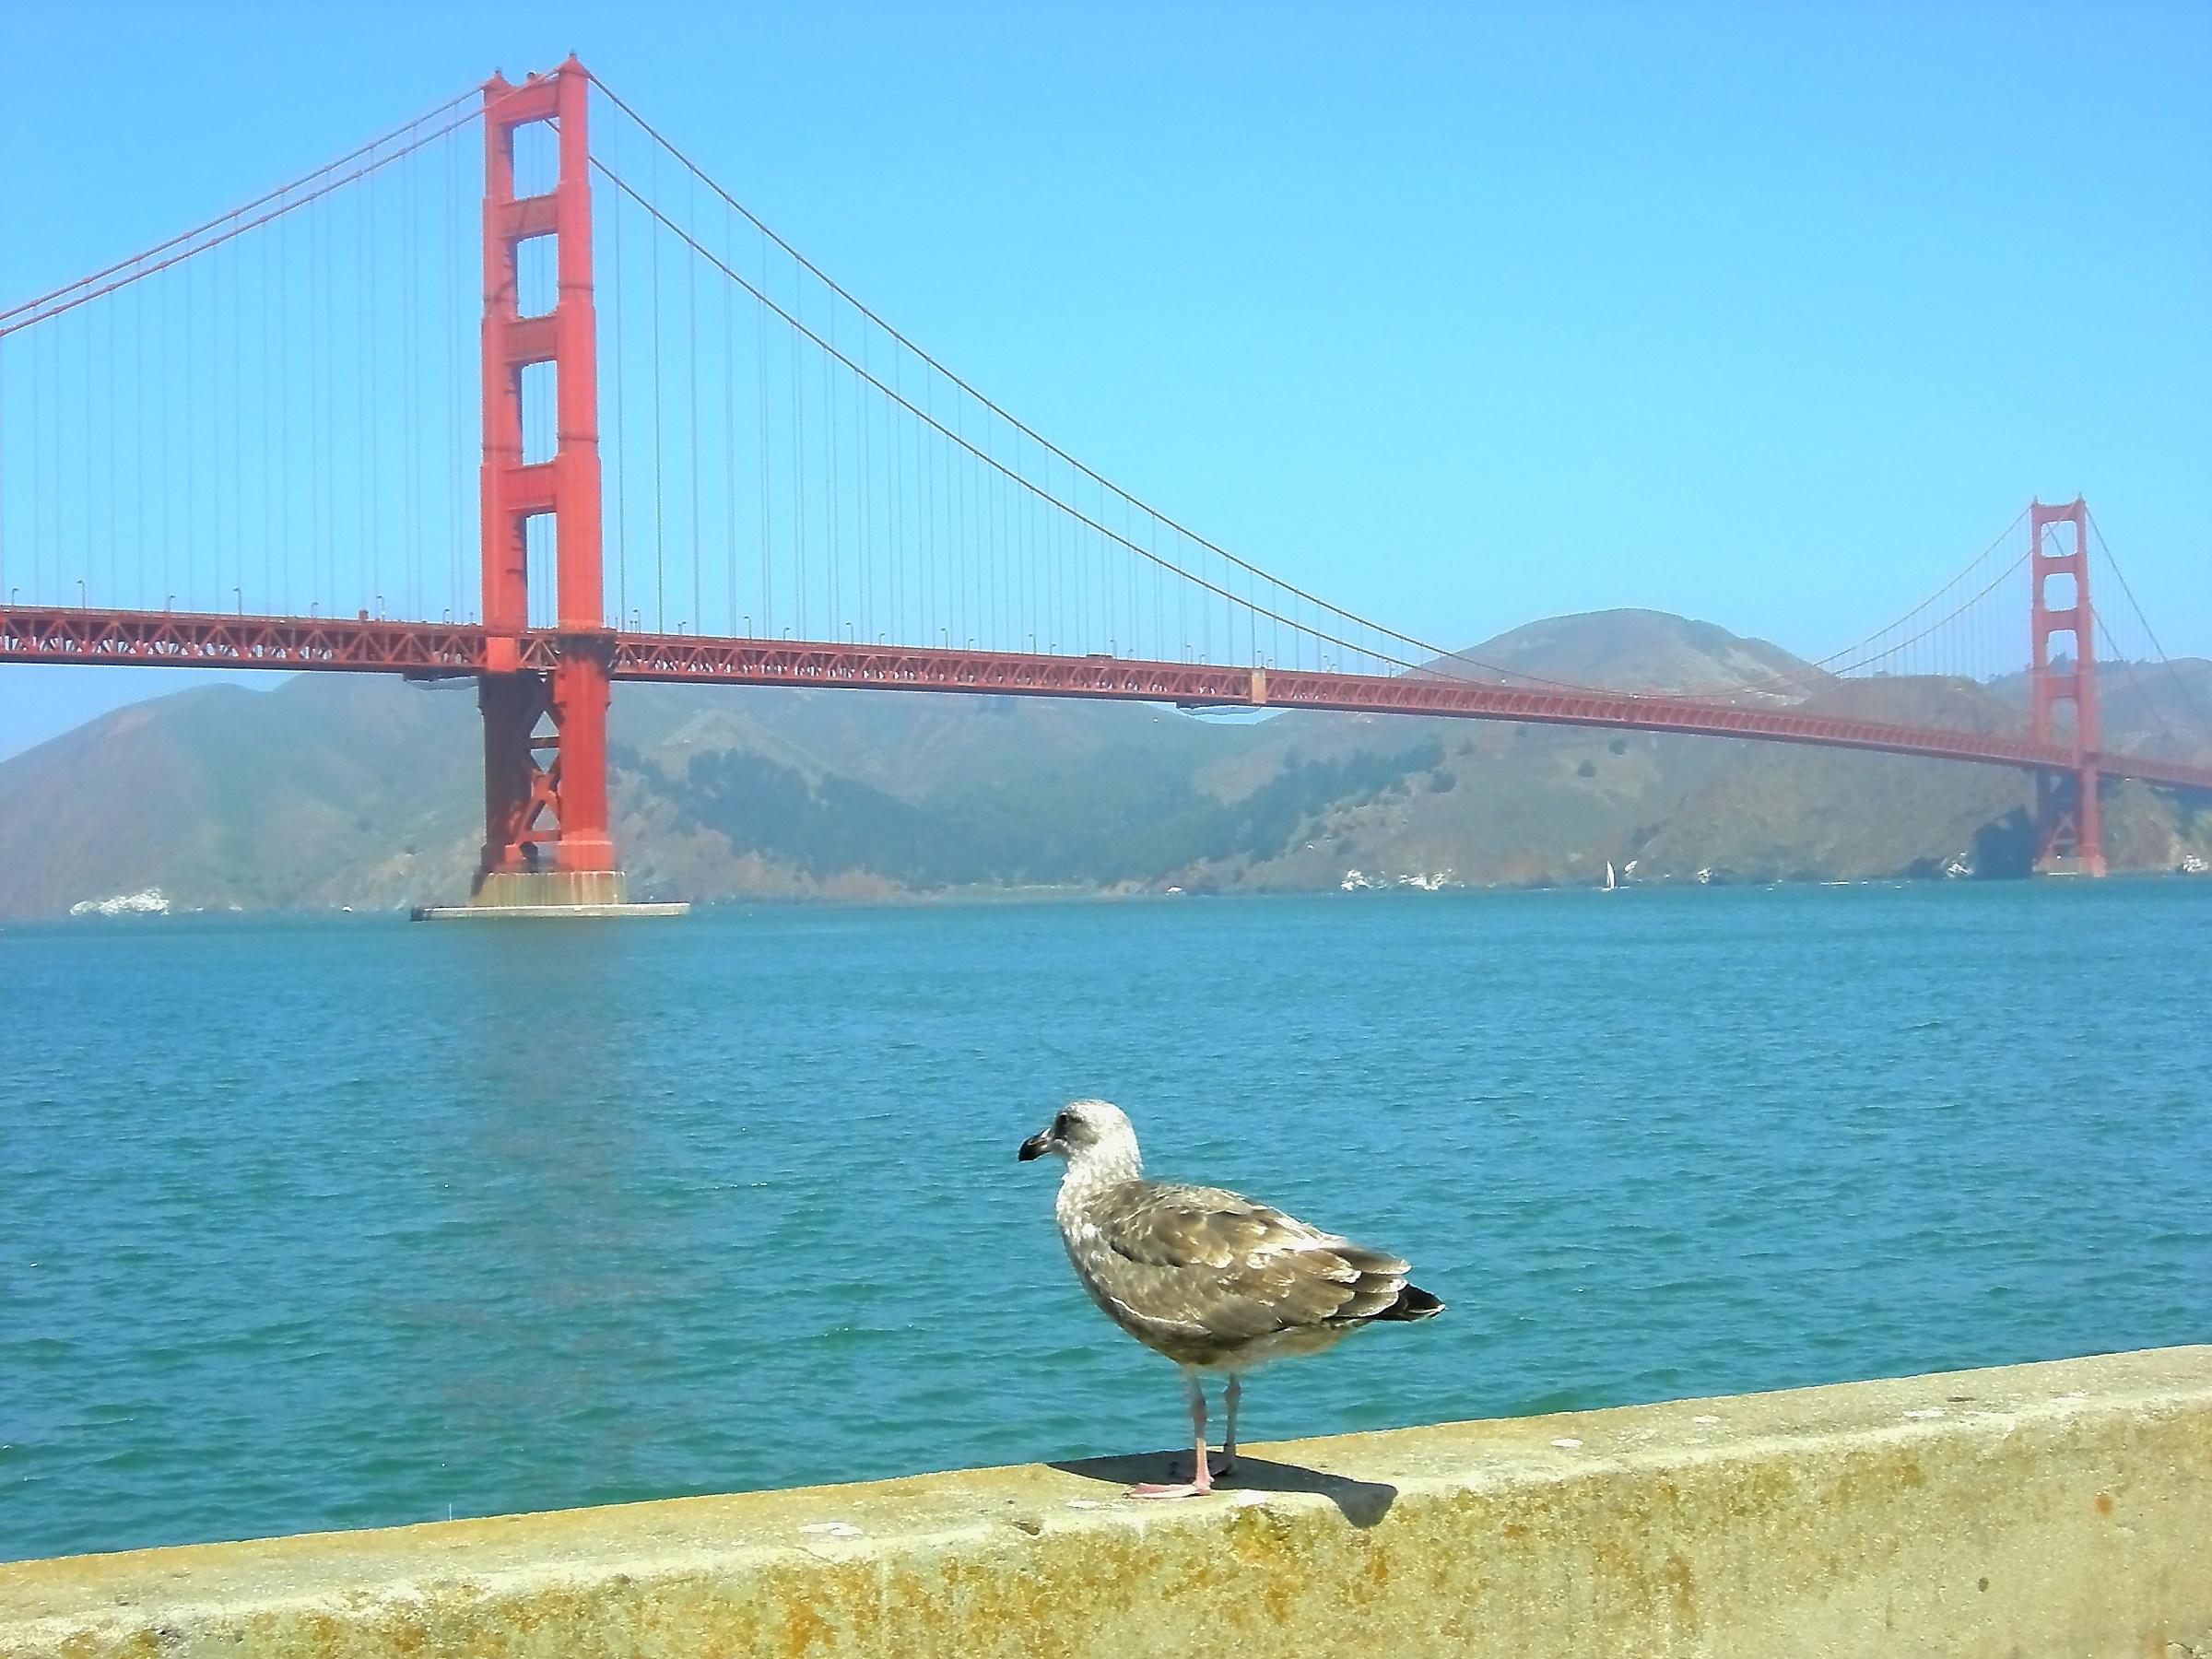 Admiring the Golden Gate Bridge...